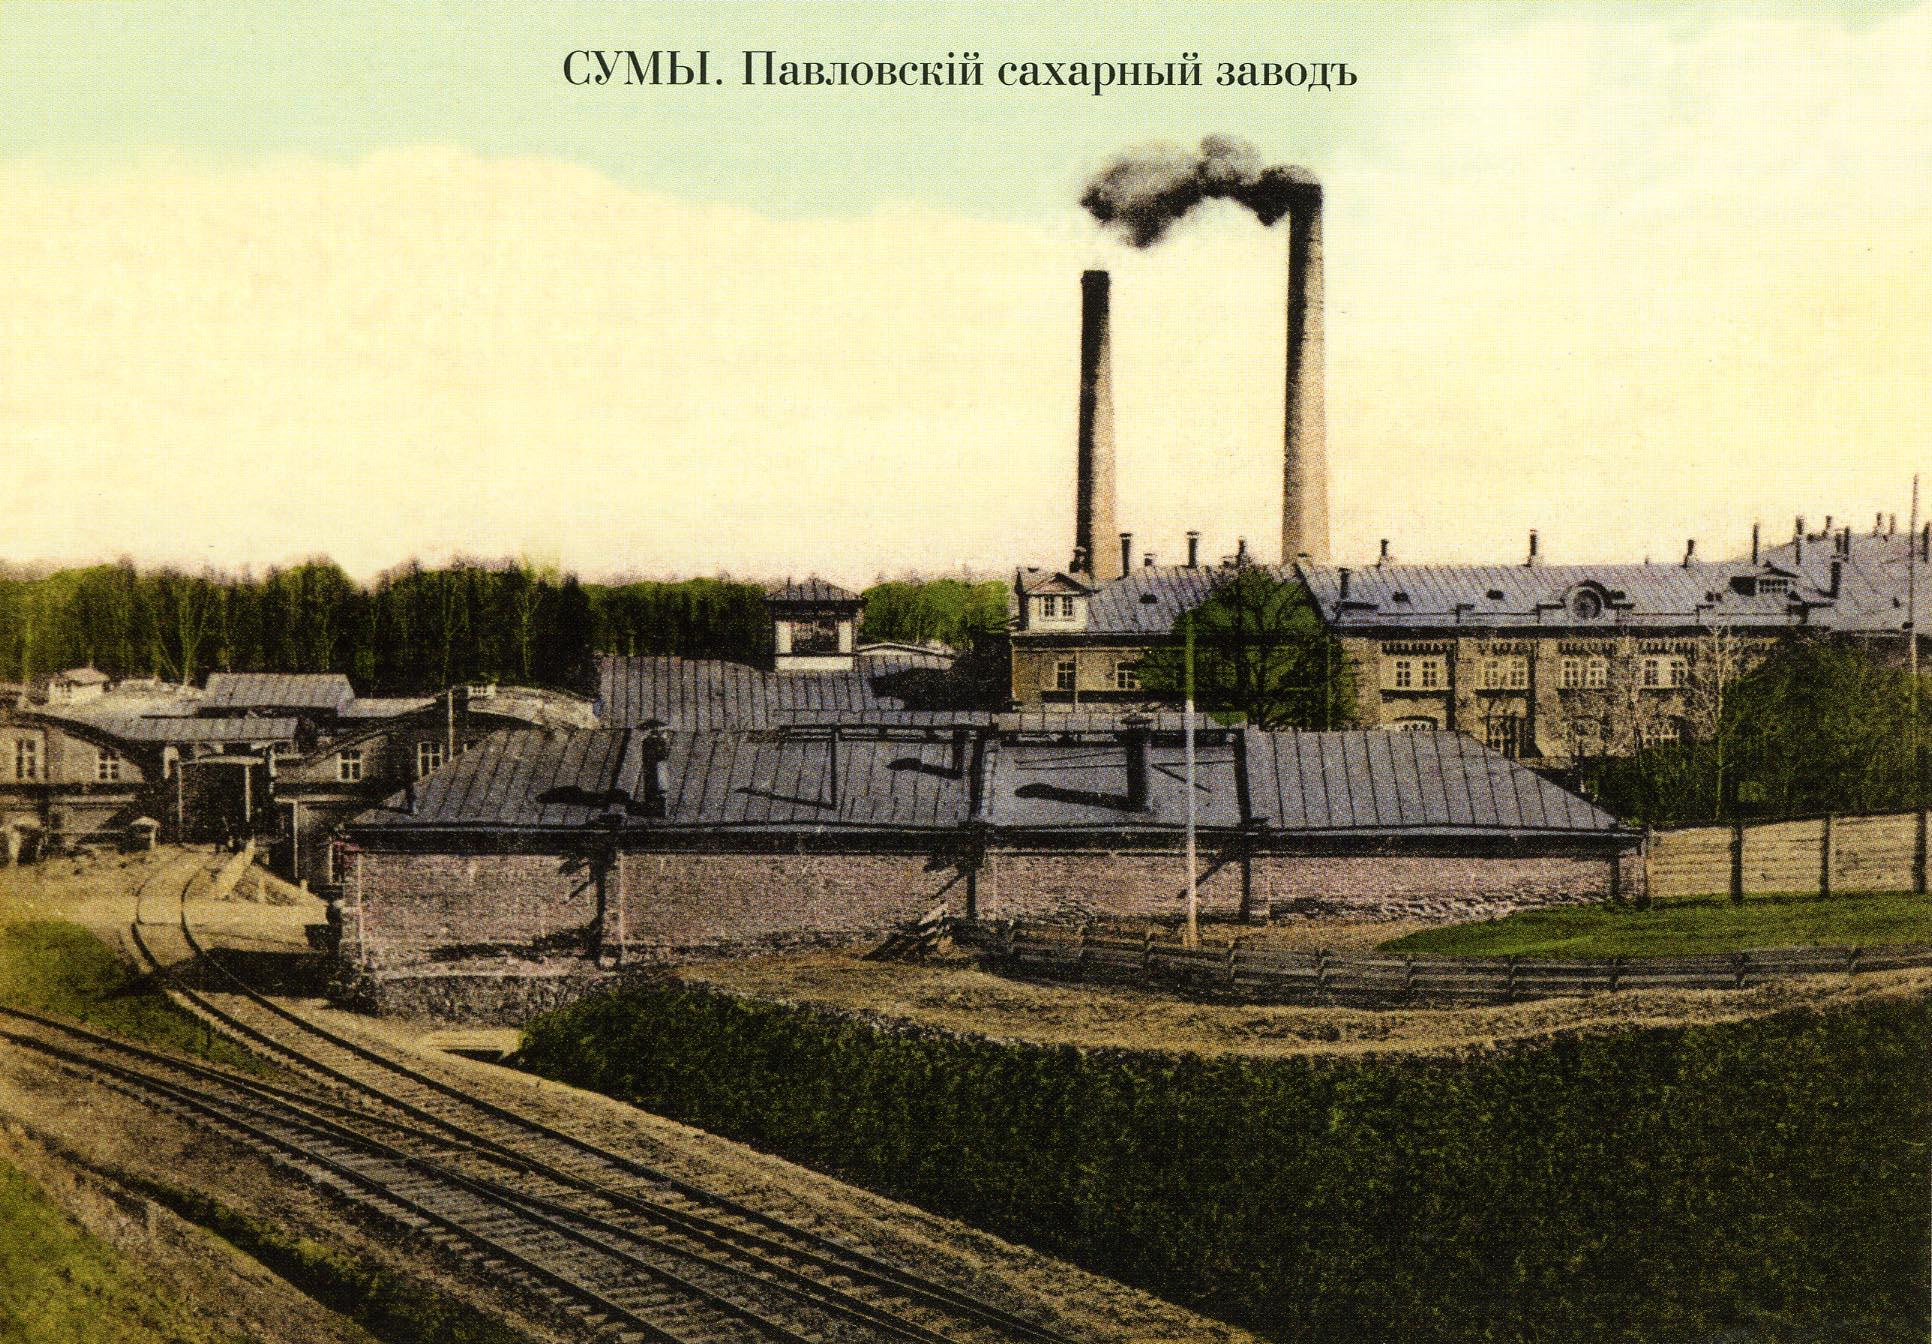 Павловский сахарный завод